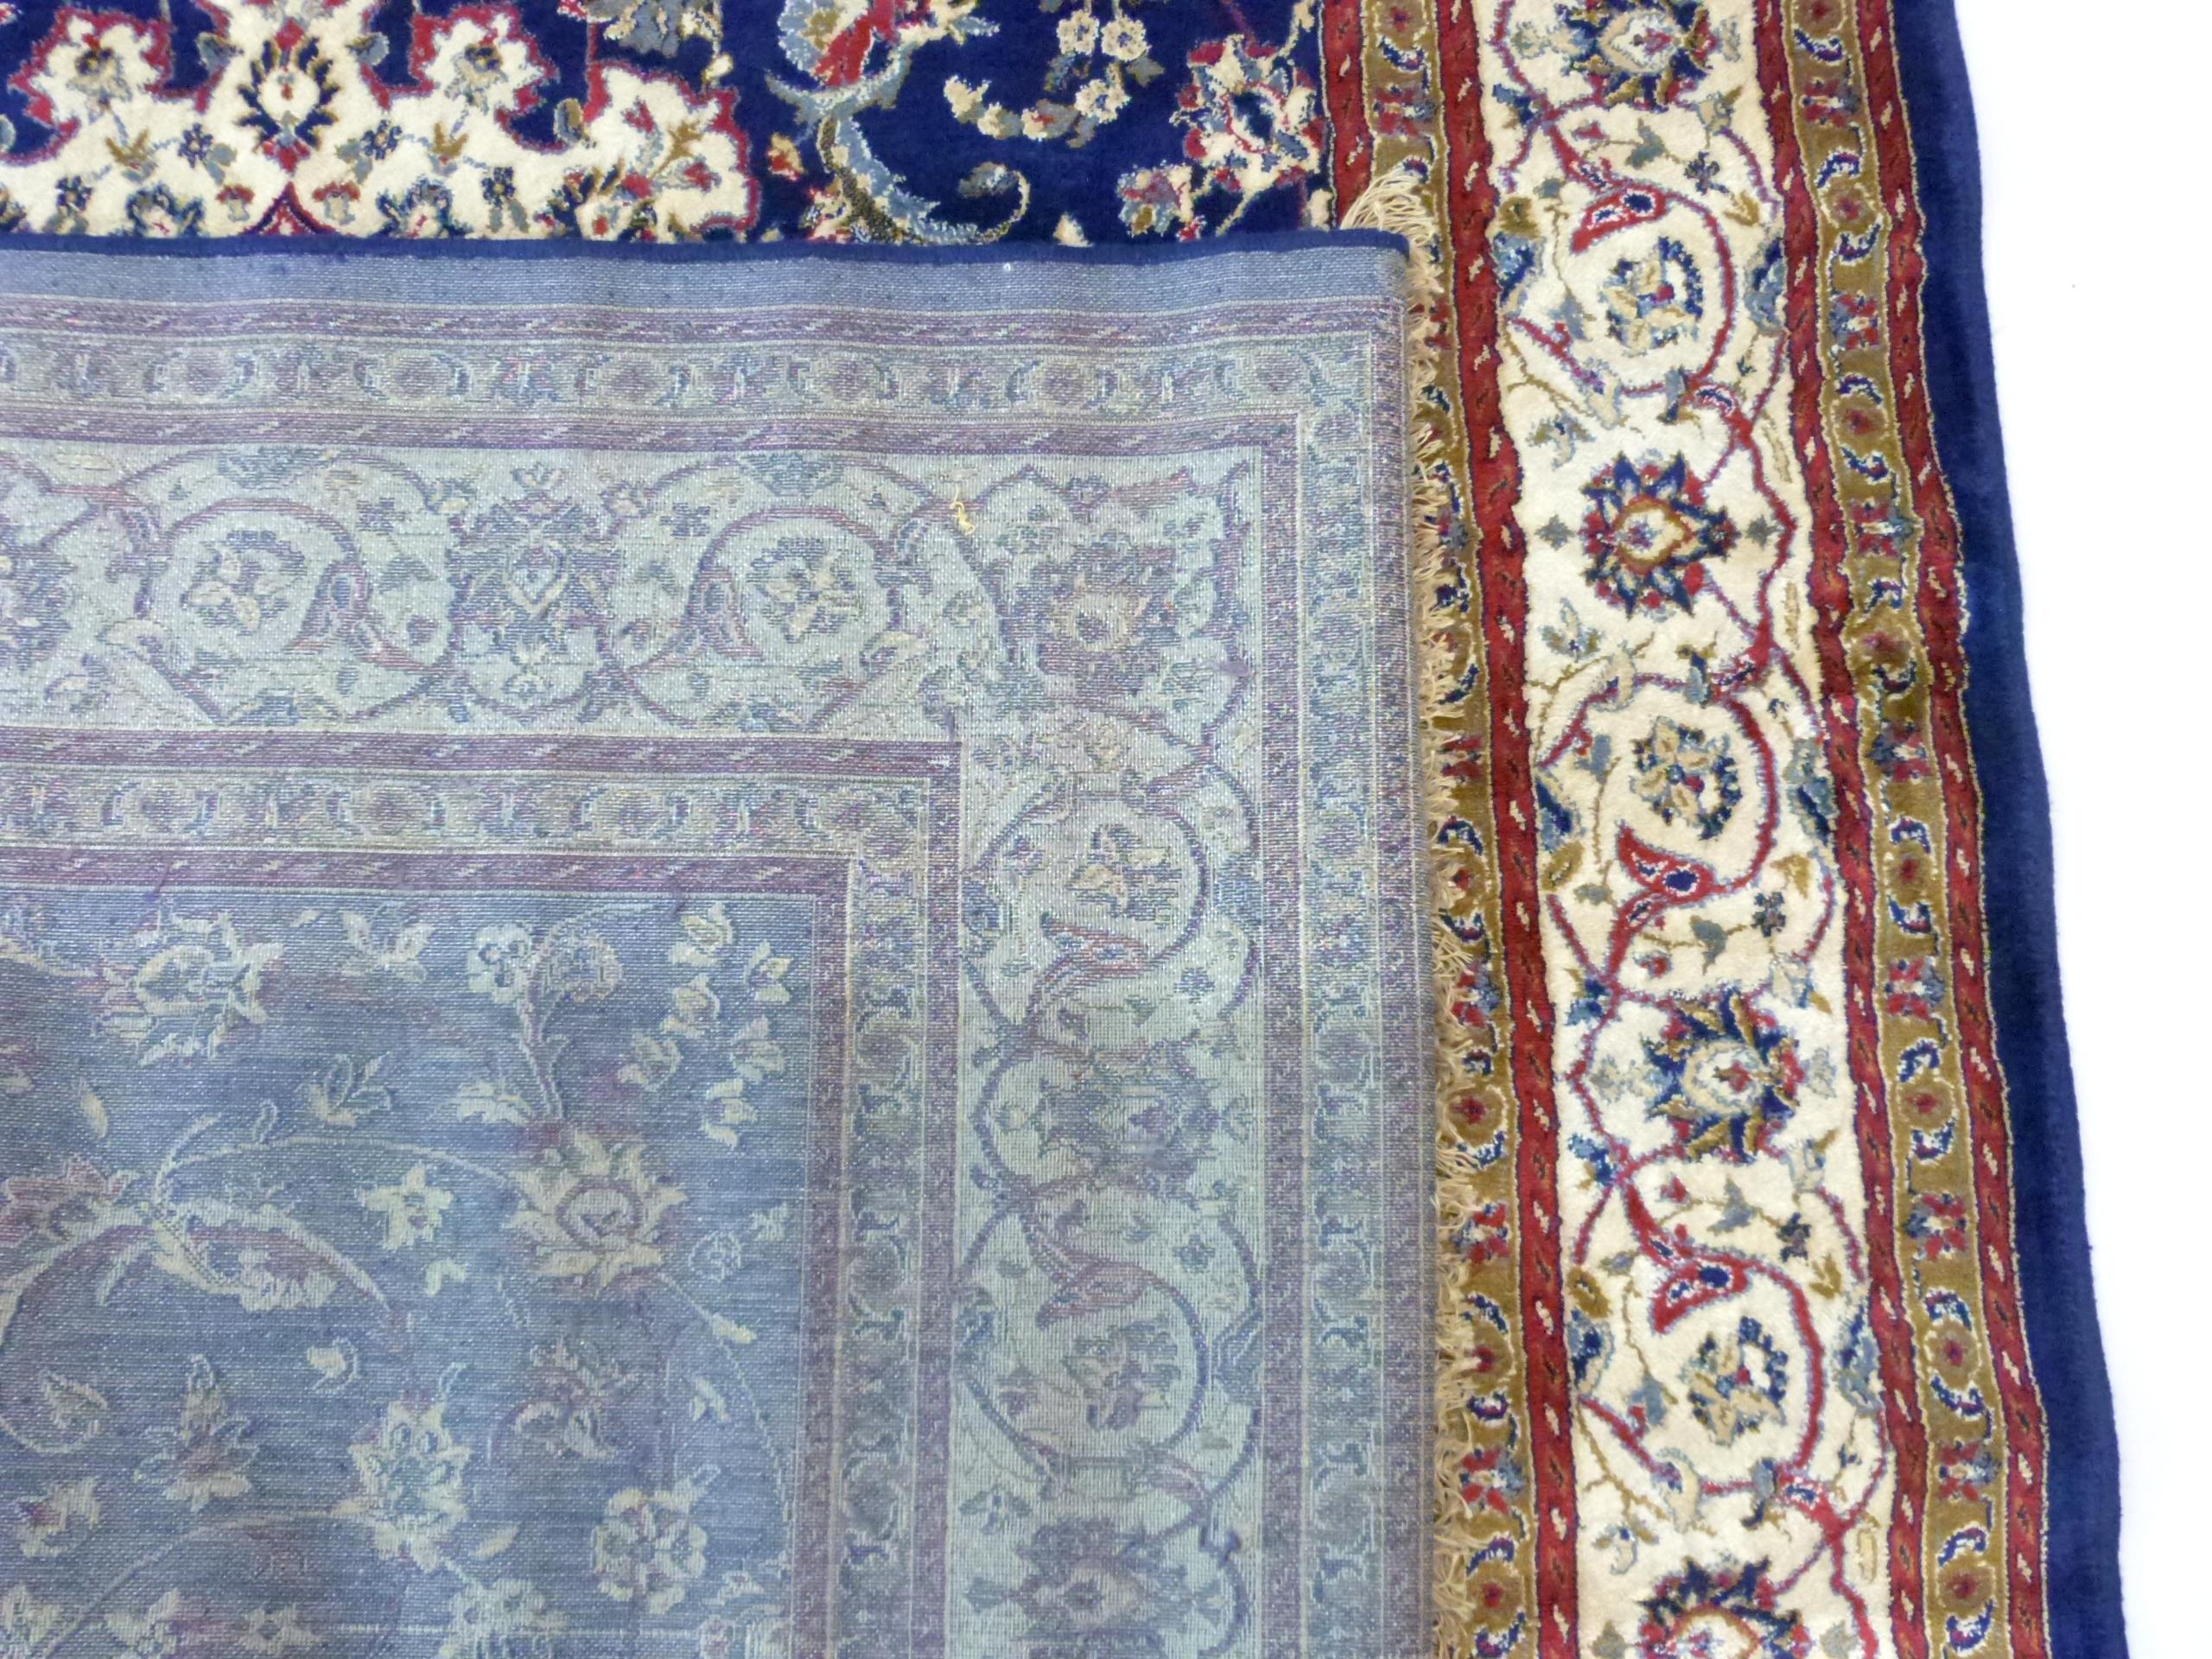 Rich blue ground full pile Kashmir Charbass medallion design 240cm x 156cm - Image 4 of 6